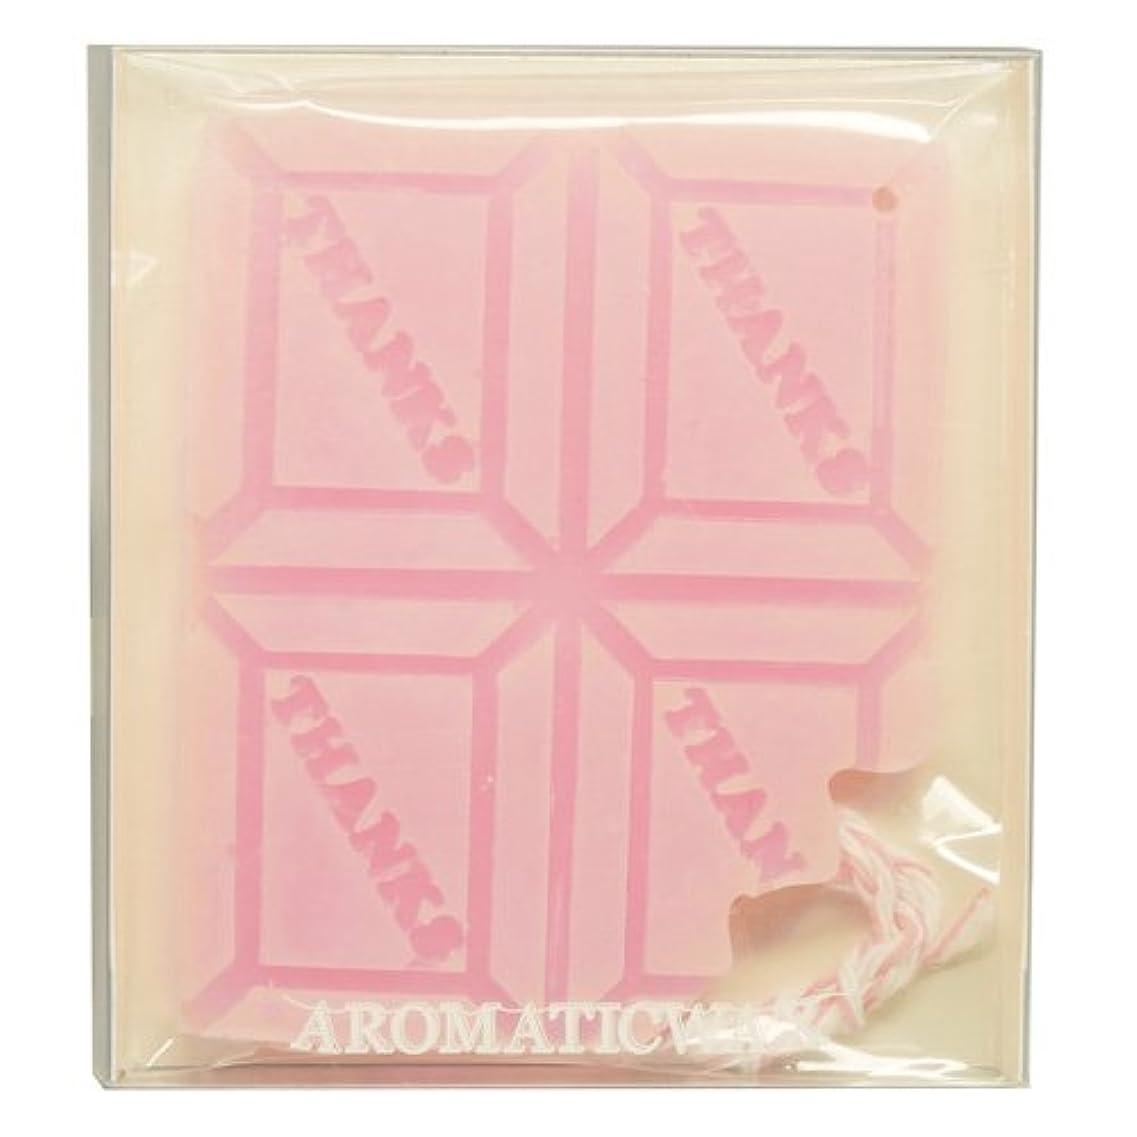 体瀬戸際アルファベット順GRASSE TOKYO AROMATICWAXチャーム「板チョコ(THANKS)」(PI) ゼラニウム アロマティックワックス グラーストウキョウ